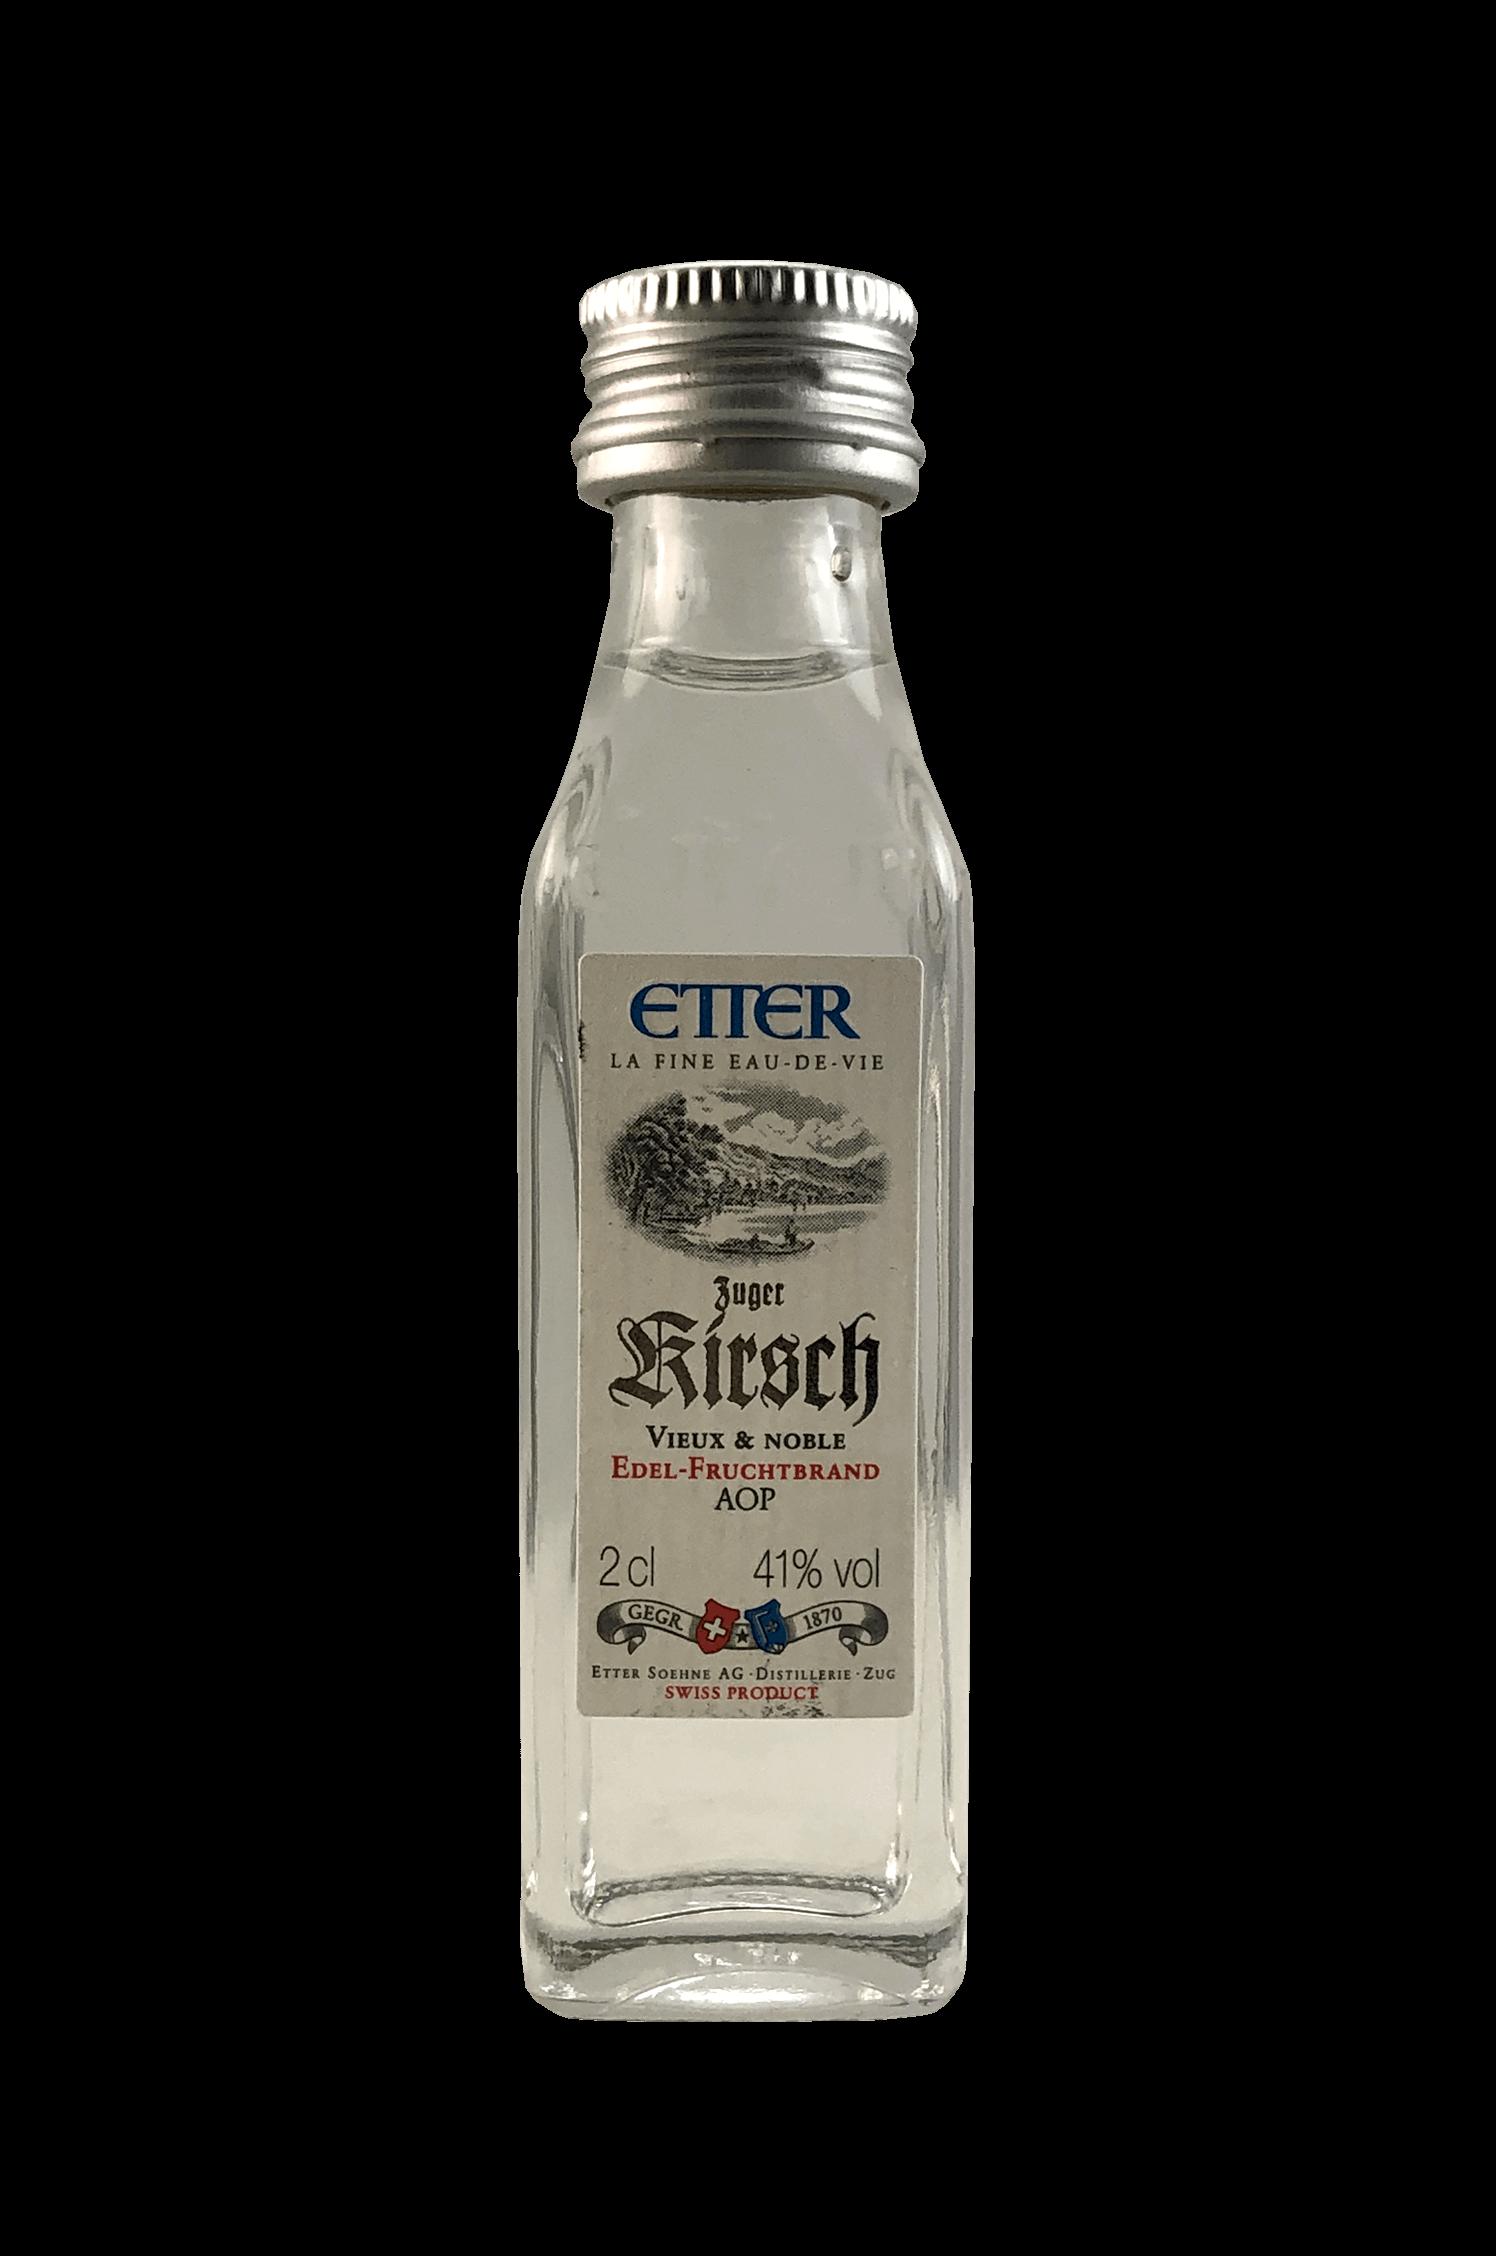 ETTER JUGER KIRSCH